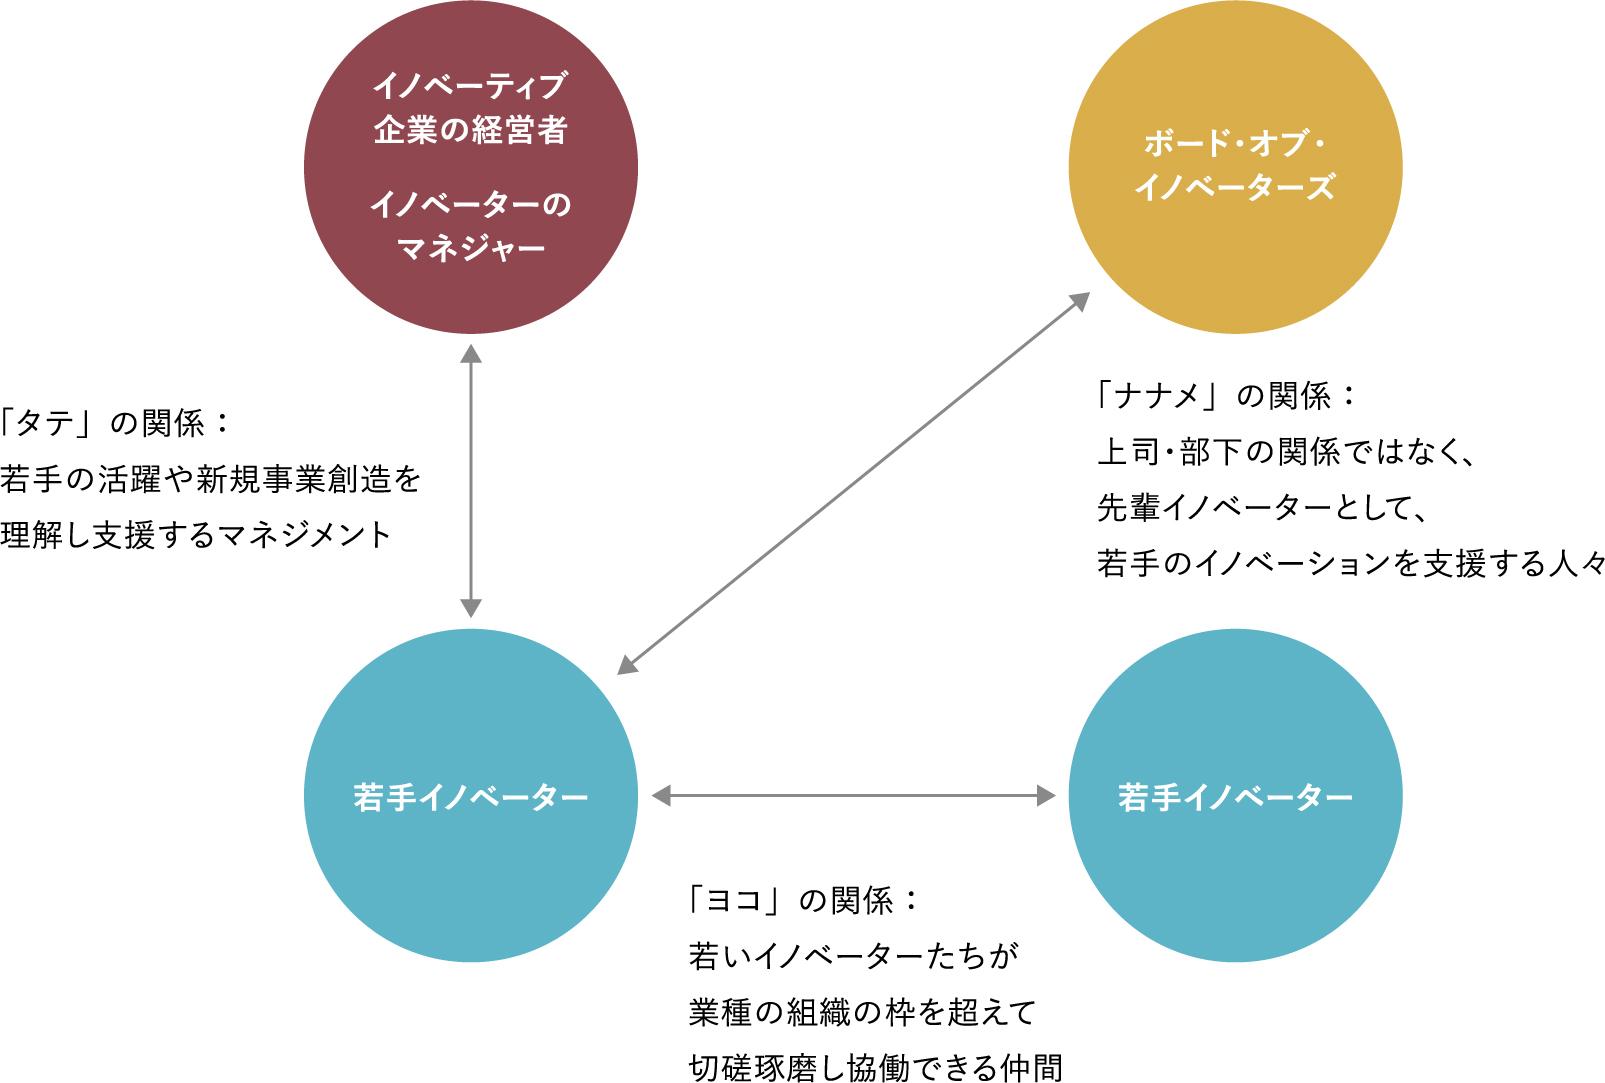 tate_yoko_naname